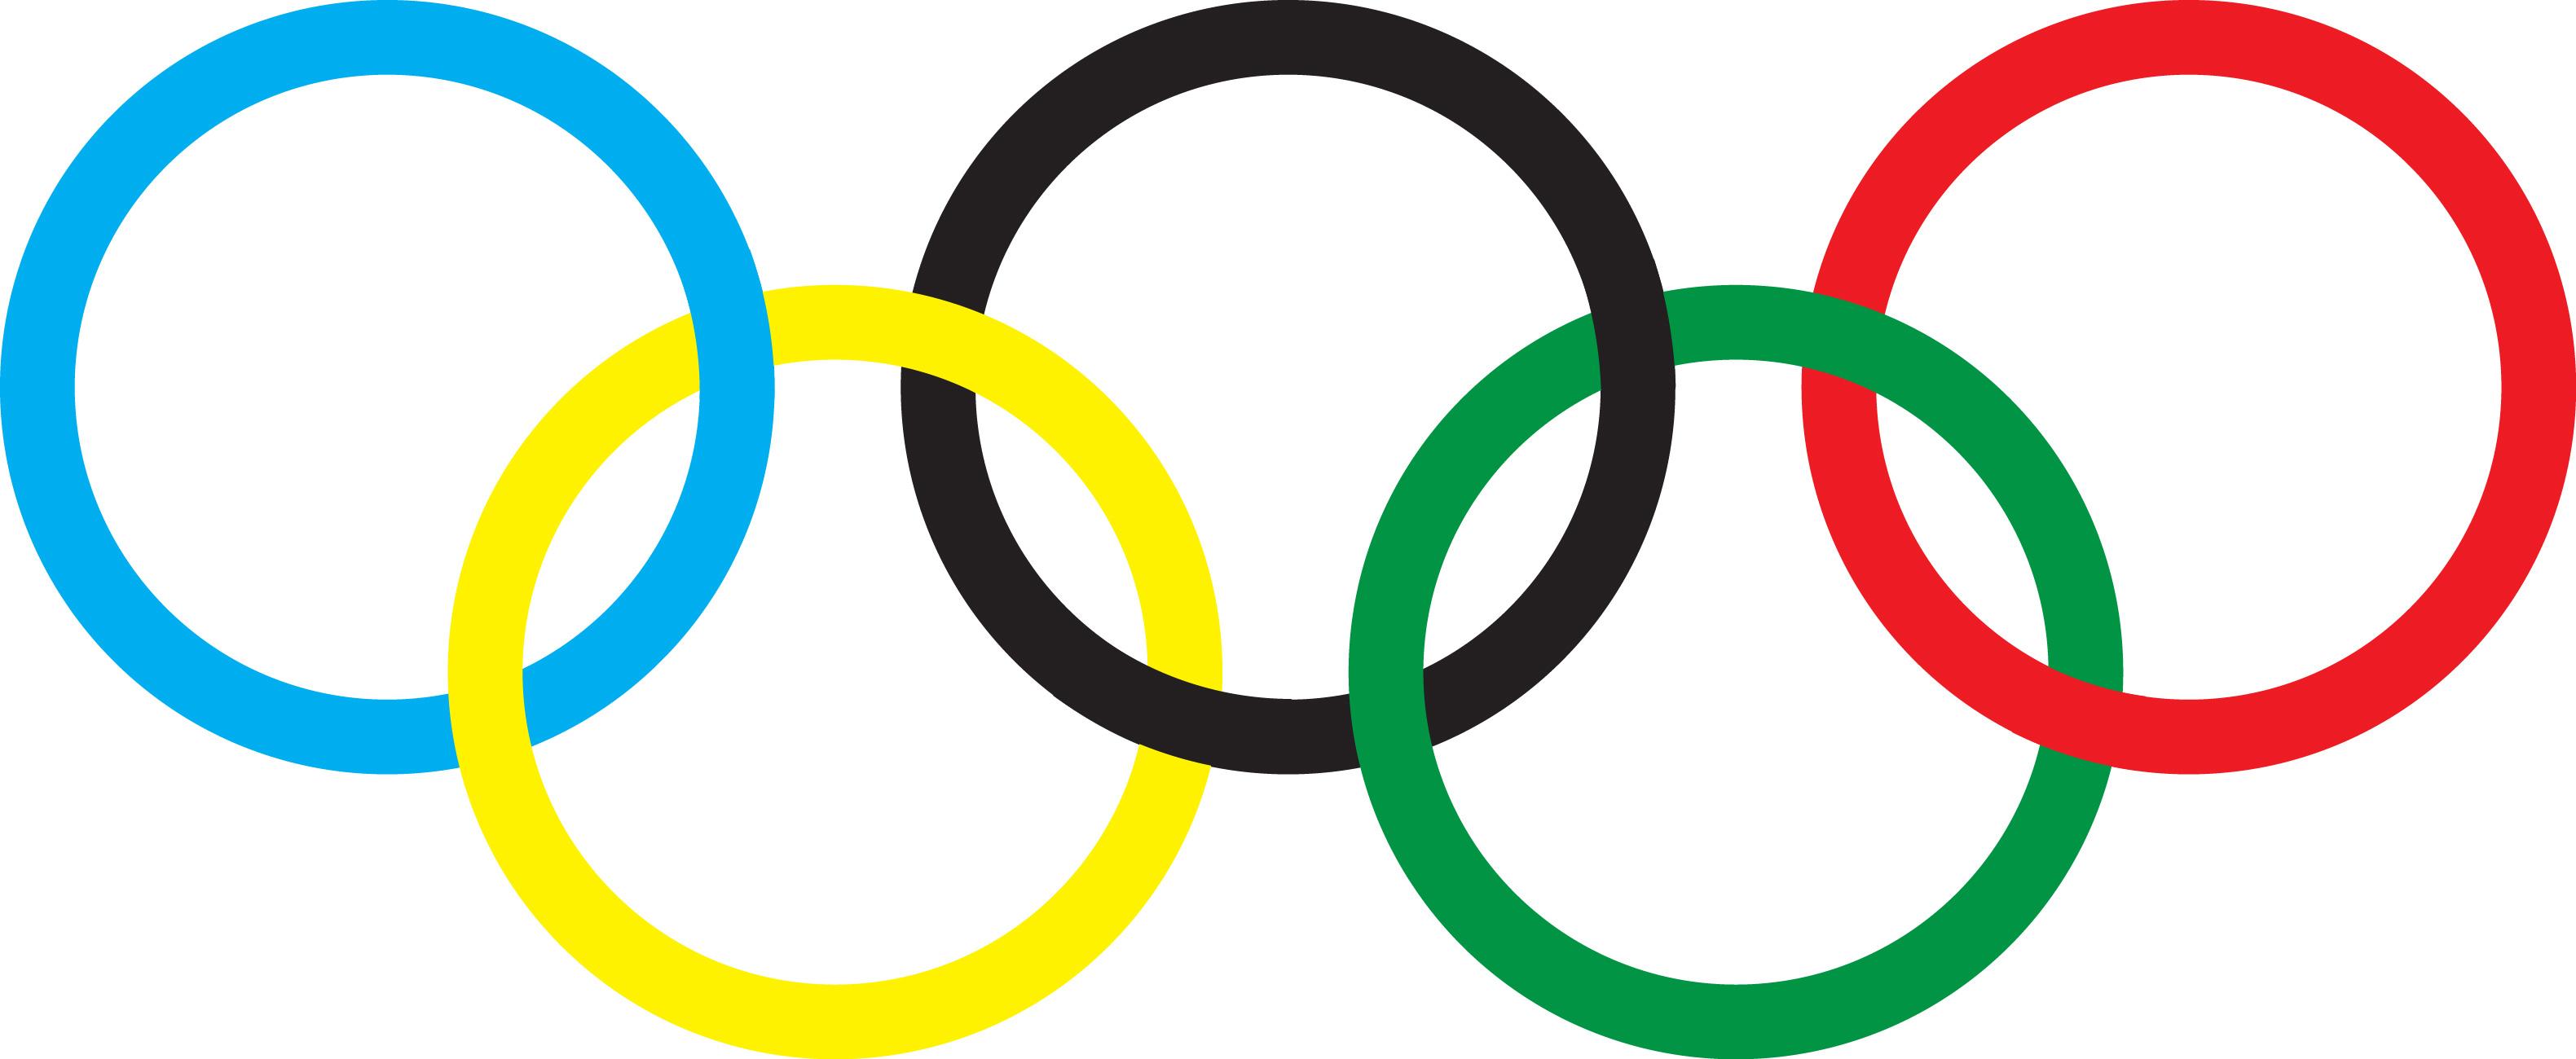 Kết quả hình ảnh cho logo tròn